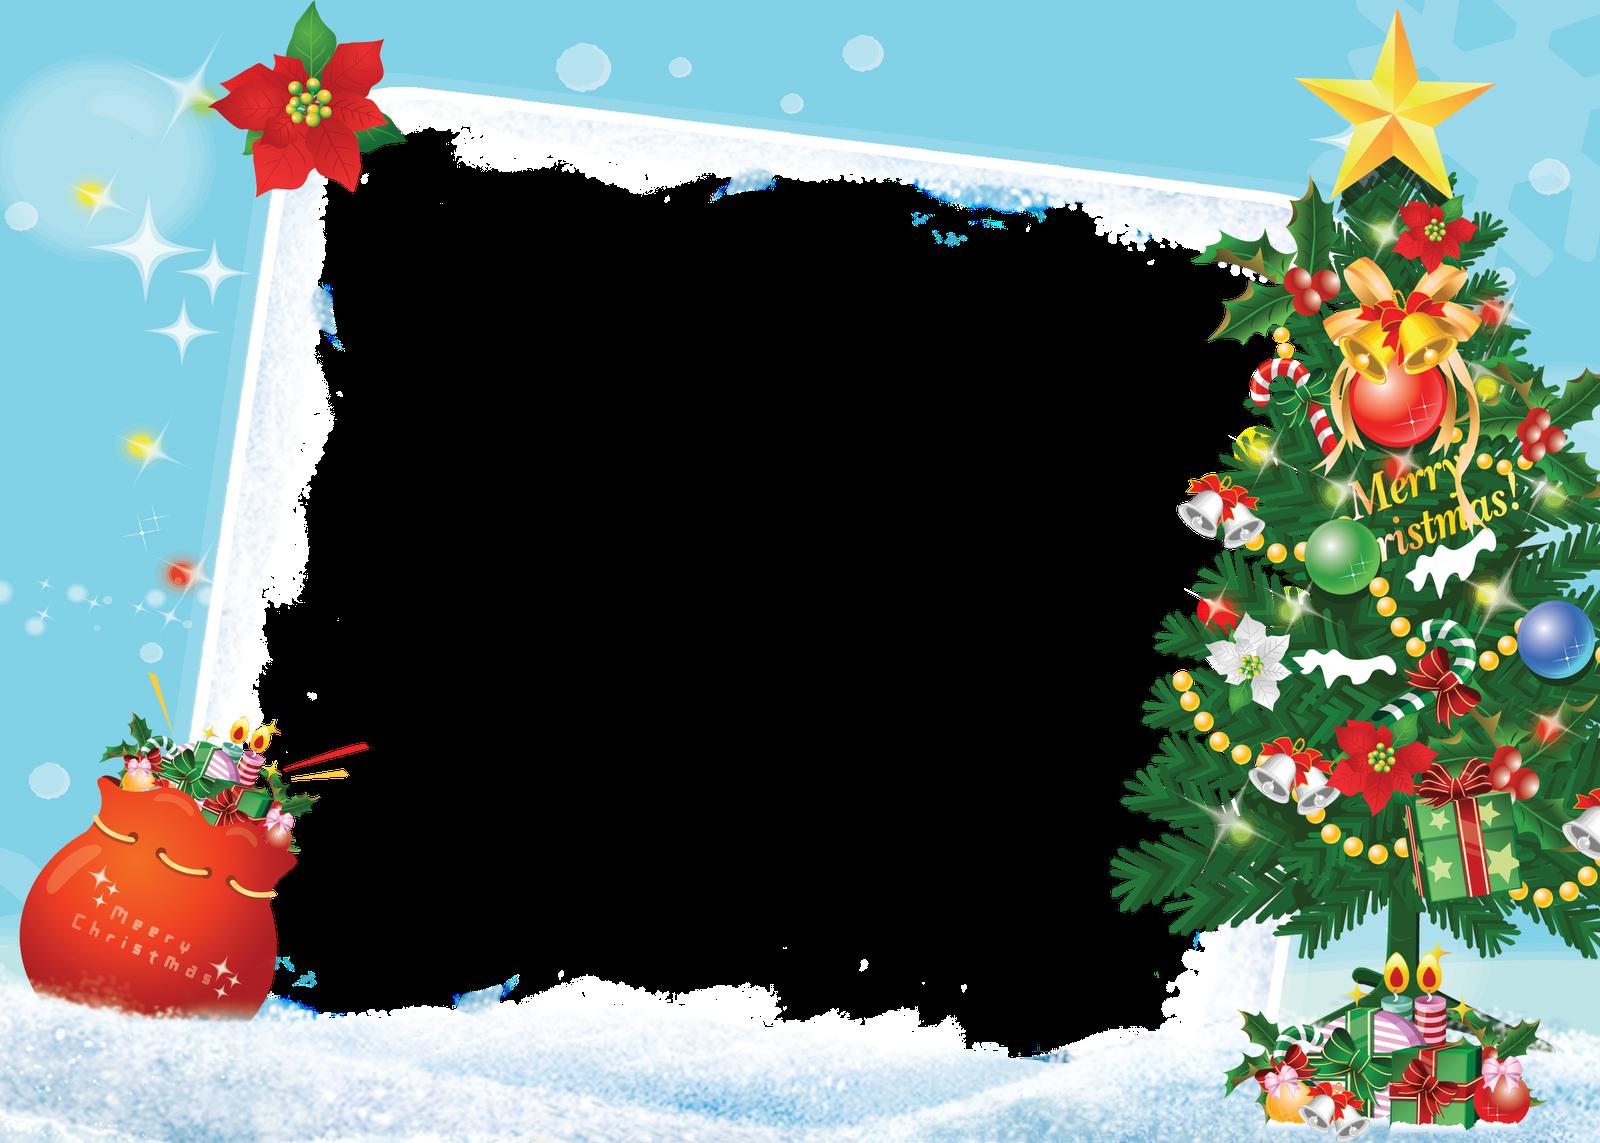 marcos navideños 07.